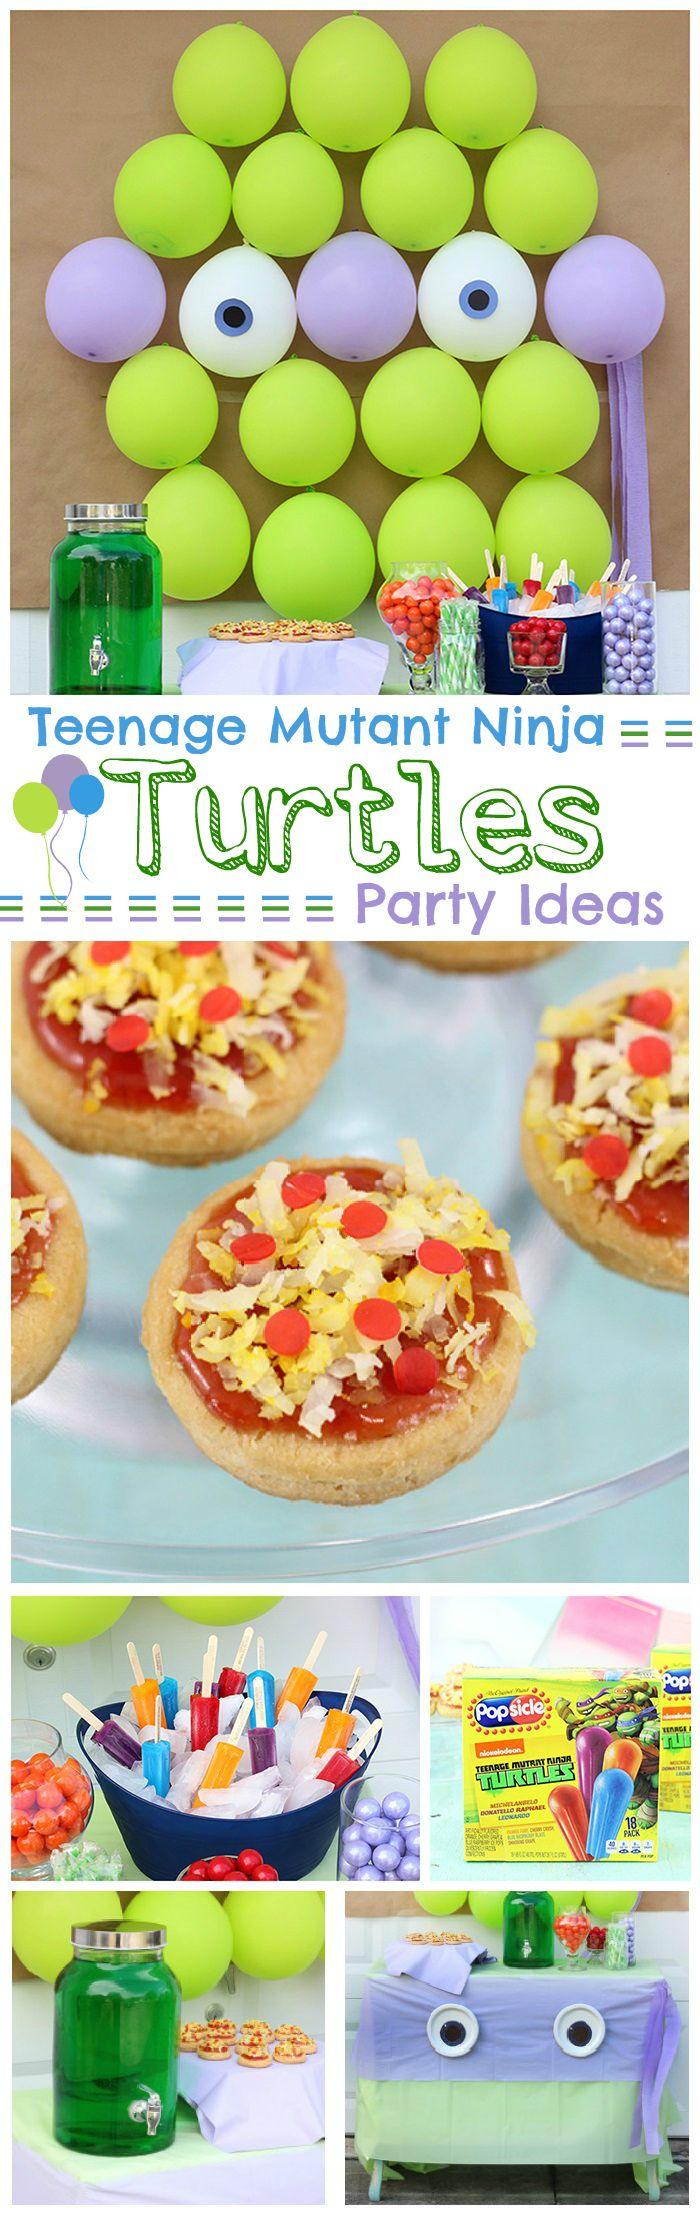 Teenage Mutant Ninja Turtles Party Ideas Mutant Ninja Turtles Party Teenage Mutant Ninja Turtles Party Teenage Mutant Ninja Turtle Birthday